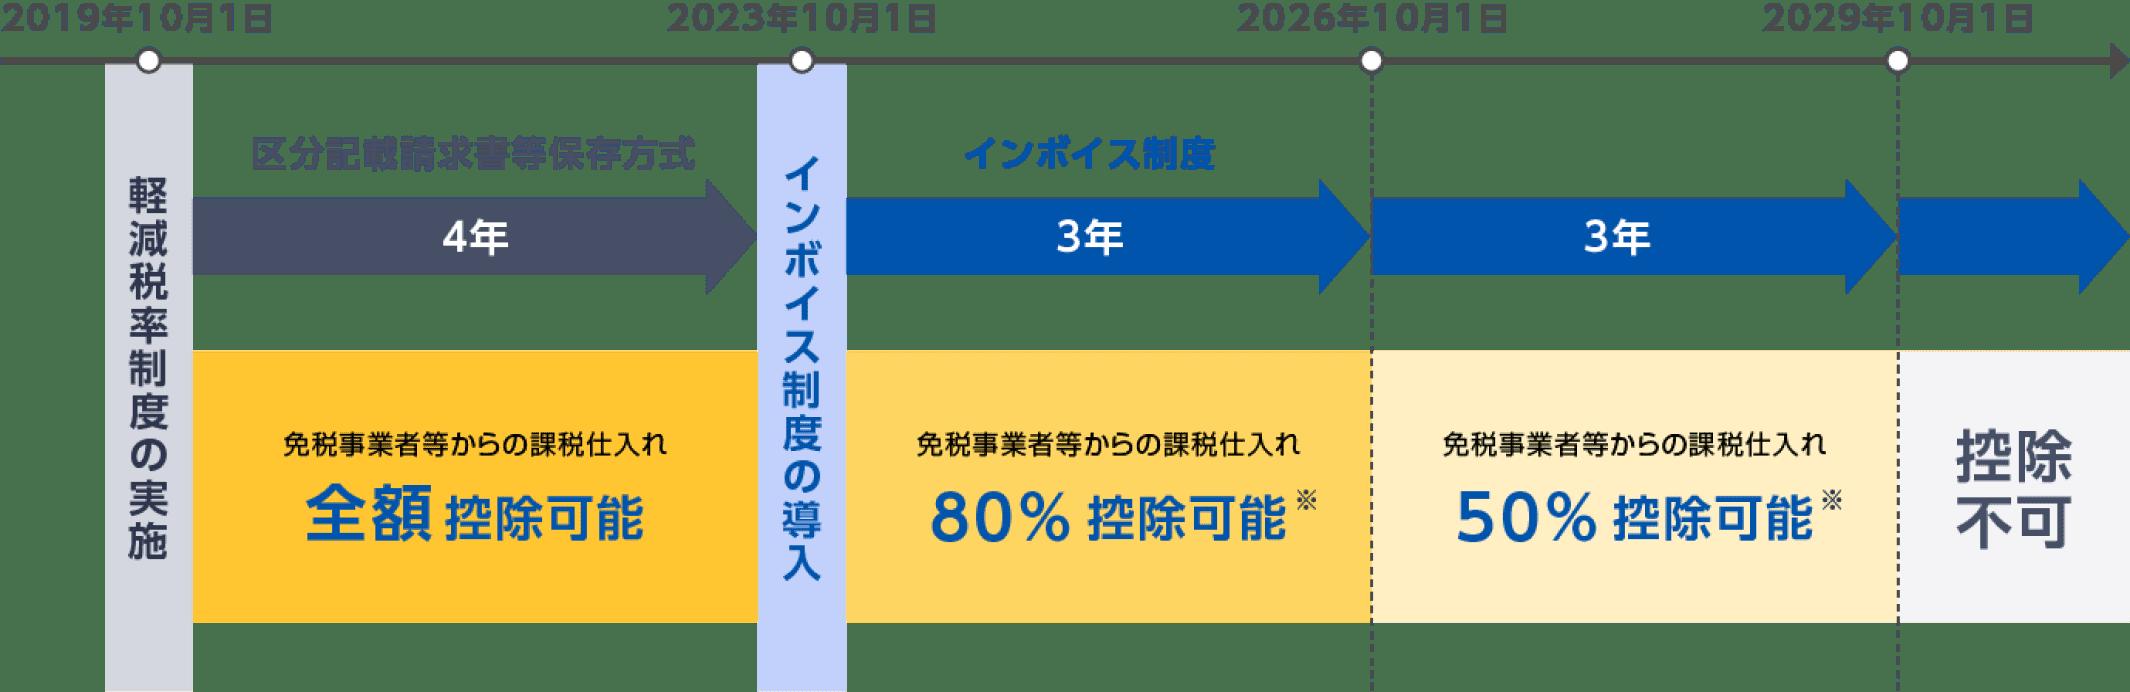 図: 免税事業者等からの課税仕入れにかかる経過措置